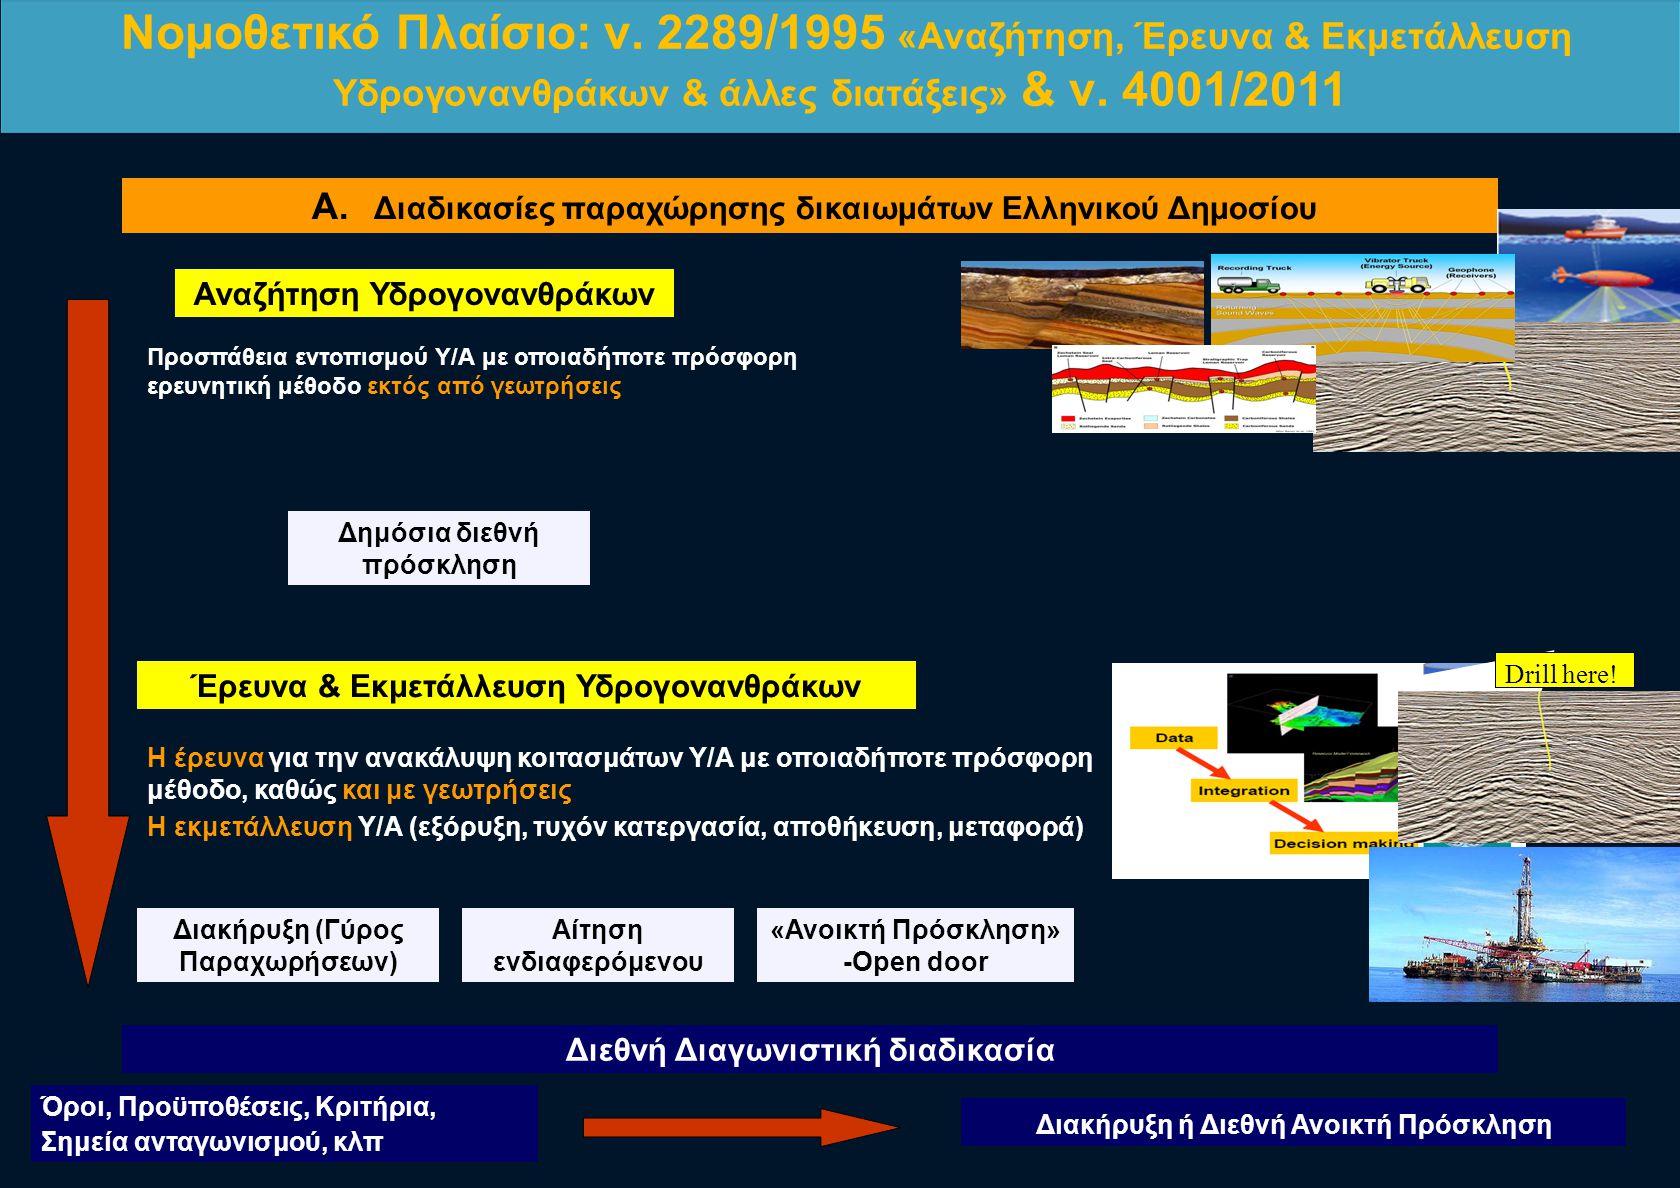 Α. Διαδικασίες παραχώρησης δικαιωμάτων Ελληνικού Δημοσίου Διεθνή Διαγωνιστική διαδικασία Έρευνα & Εκμετάλλευση Υδρογονανθράκων Η έρευνα για την ανακάλ